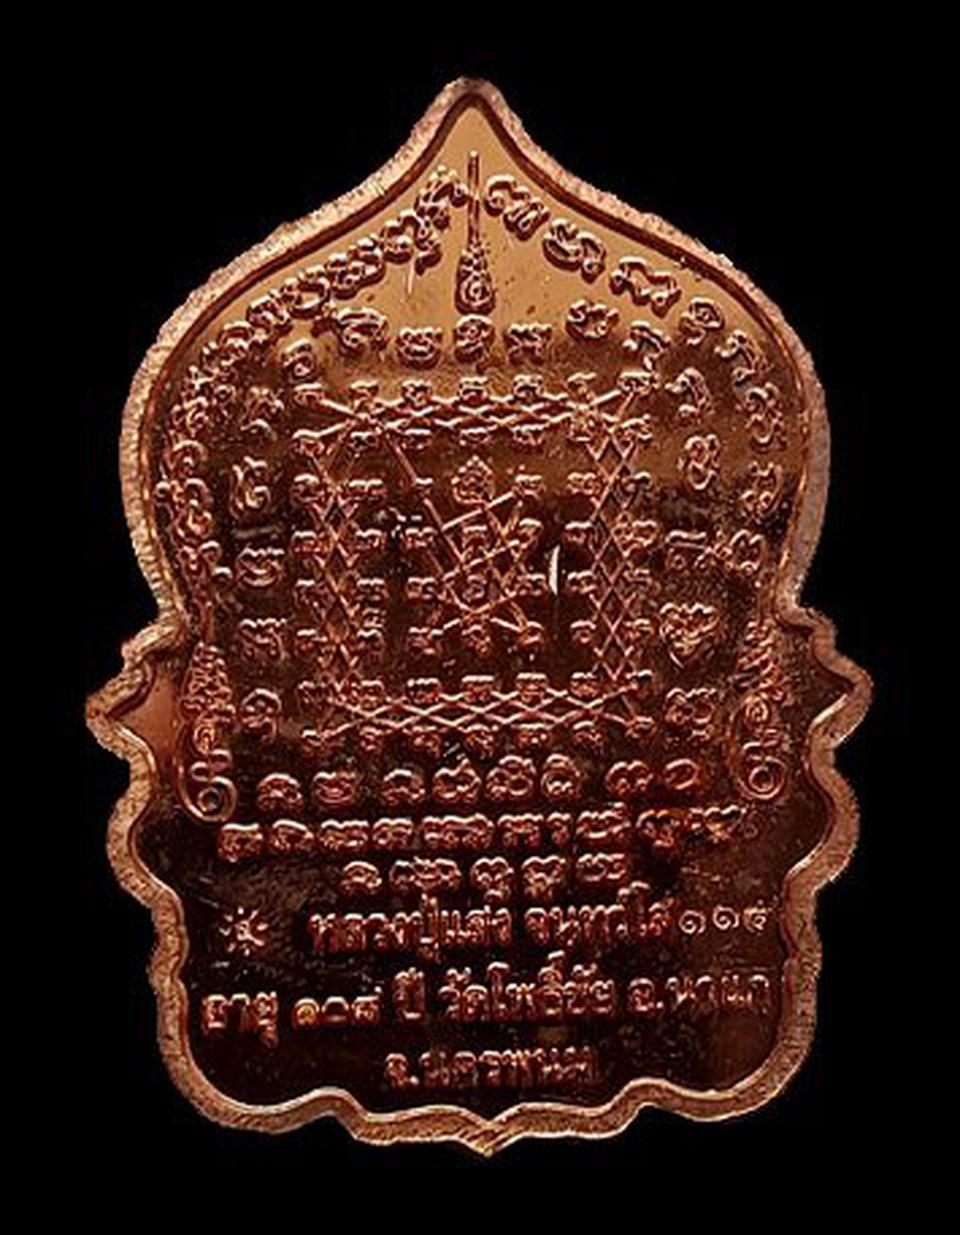 เหรียญท้าวเวสสุวรรณ รุ่นแรก ขุมทรัพย์พันล้าน หลวงปู่แสง จันทวังโส วัดโพธิ์ชัย นครพนม ปี๖๒ รูปที่ 2